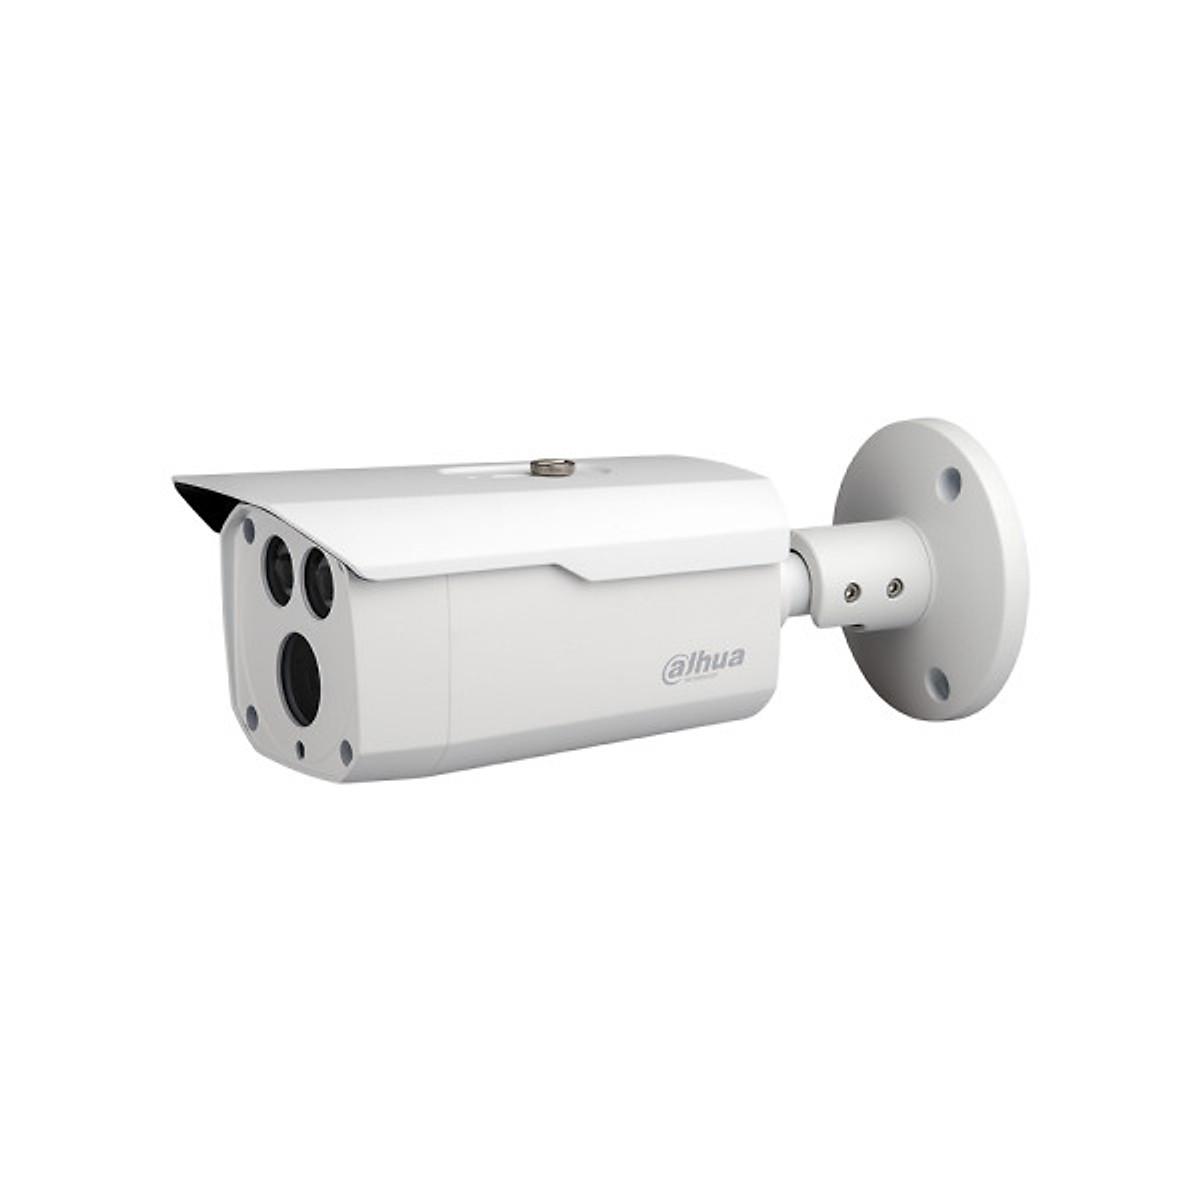 Camera HD-CVI 2.0 Mega Pixel hồng ngoại 80m ngoài trời Dahua HAC-HFW1200DP-S4 – Hàng nhập khẩu